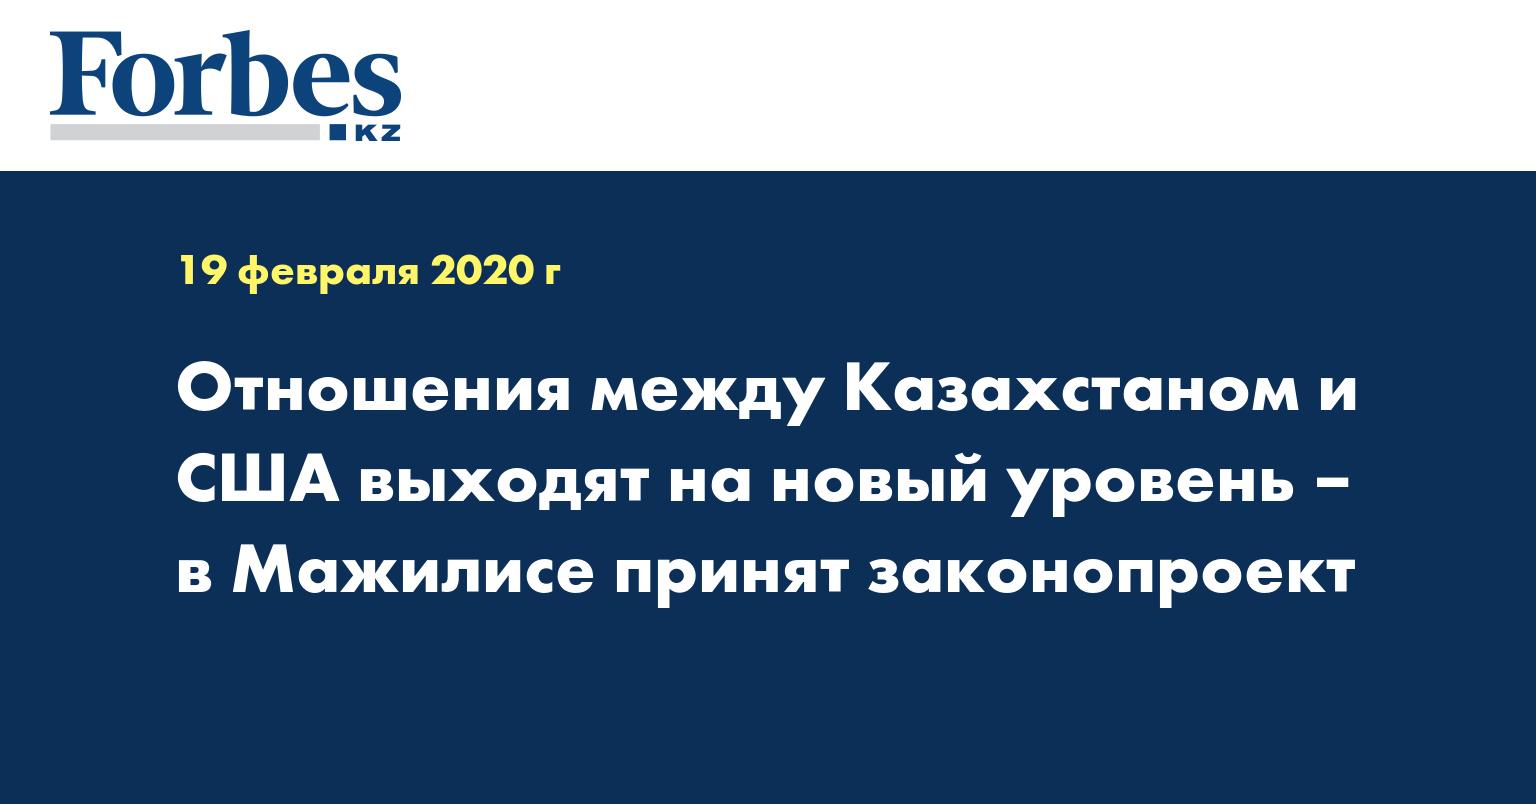 Отношения между Казахстаном и США выходят на новый уровень – в мажилисе принят законопроект